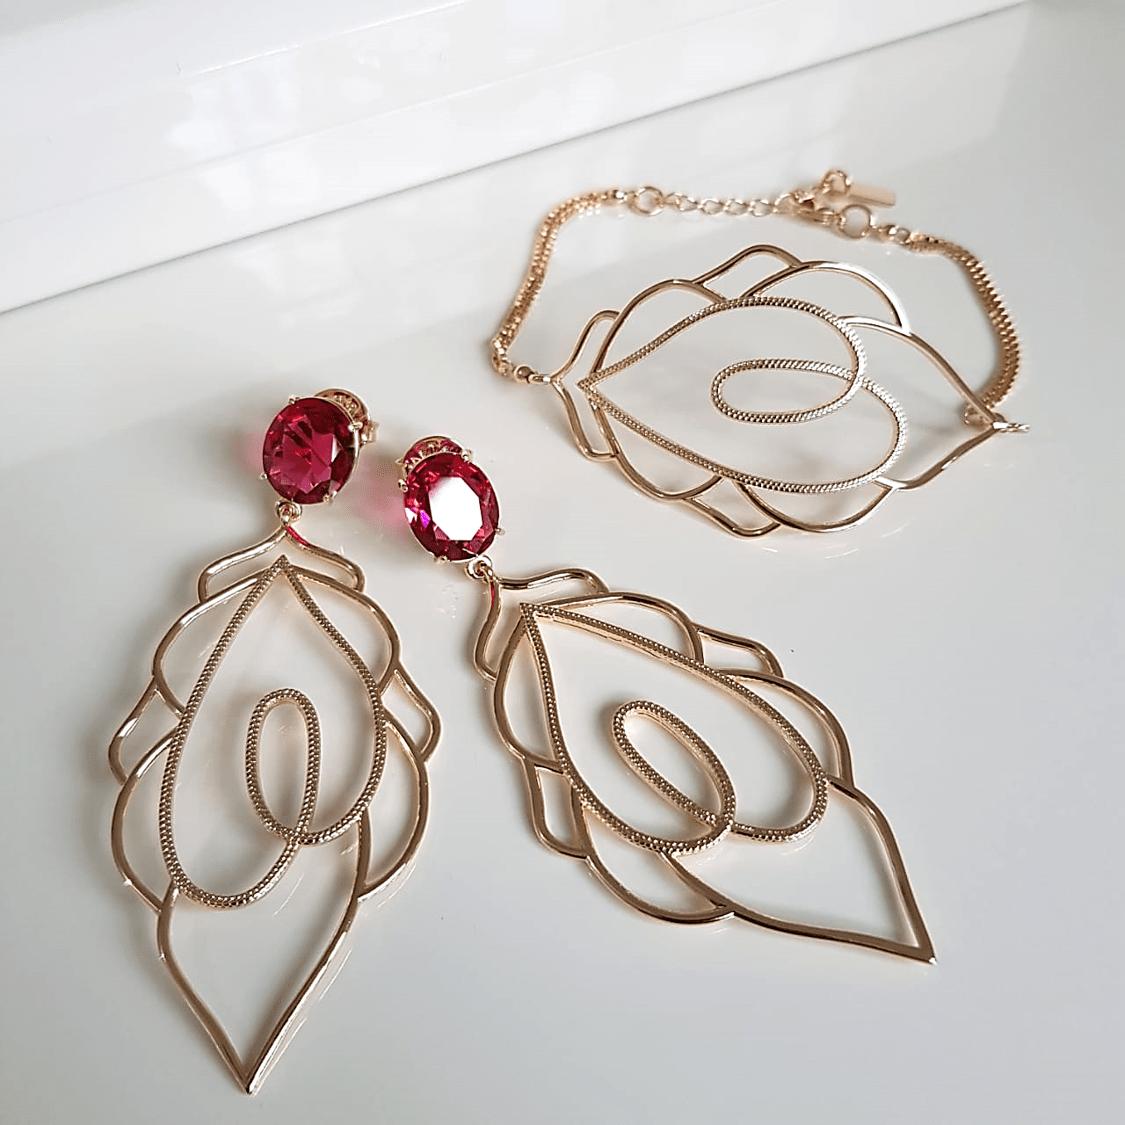 1-Conjunto pulseira e brinco com desenho vazado e cristal rosa turmalina